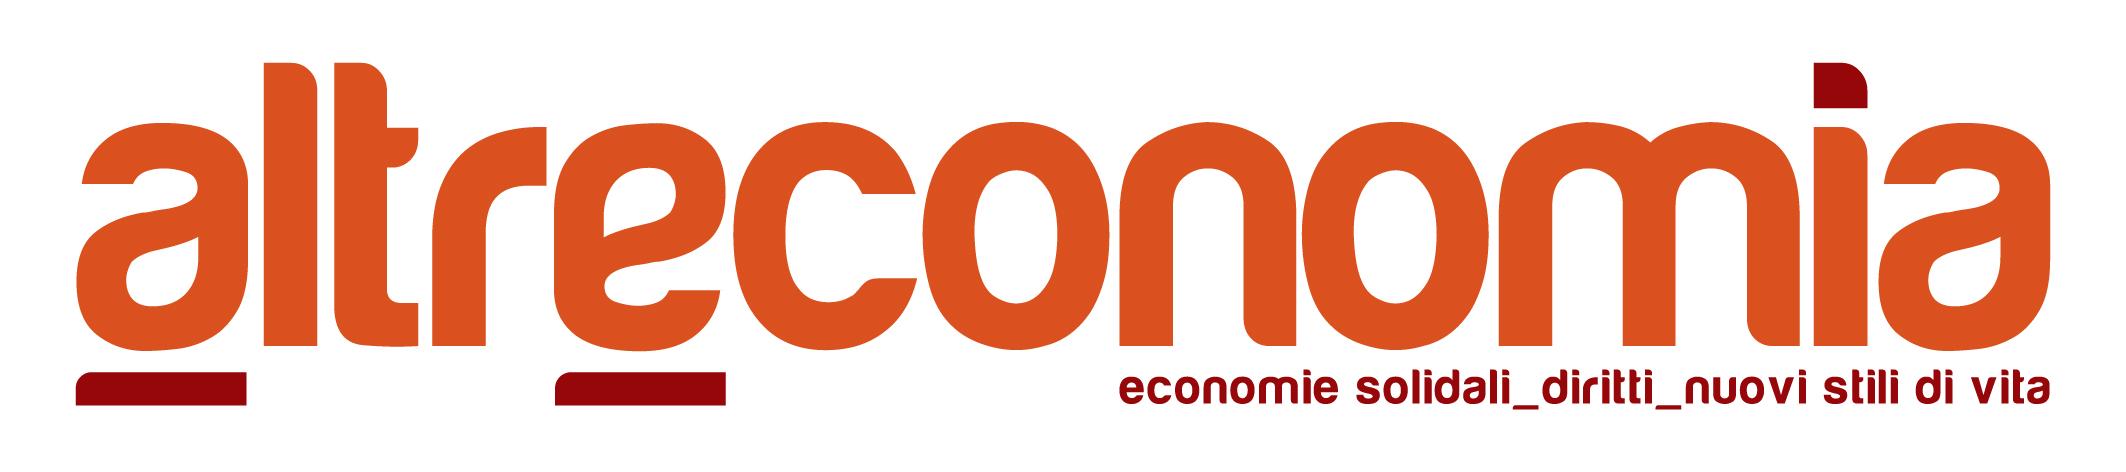 Altreconomia logo